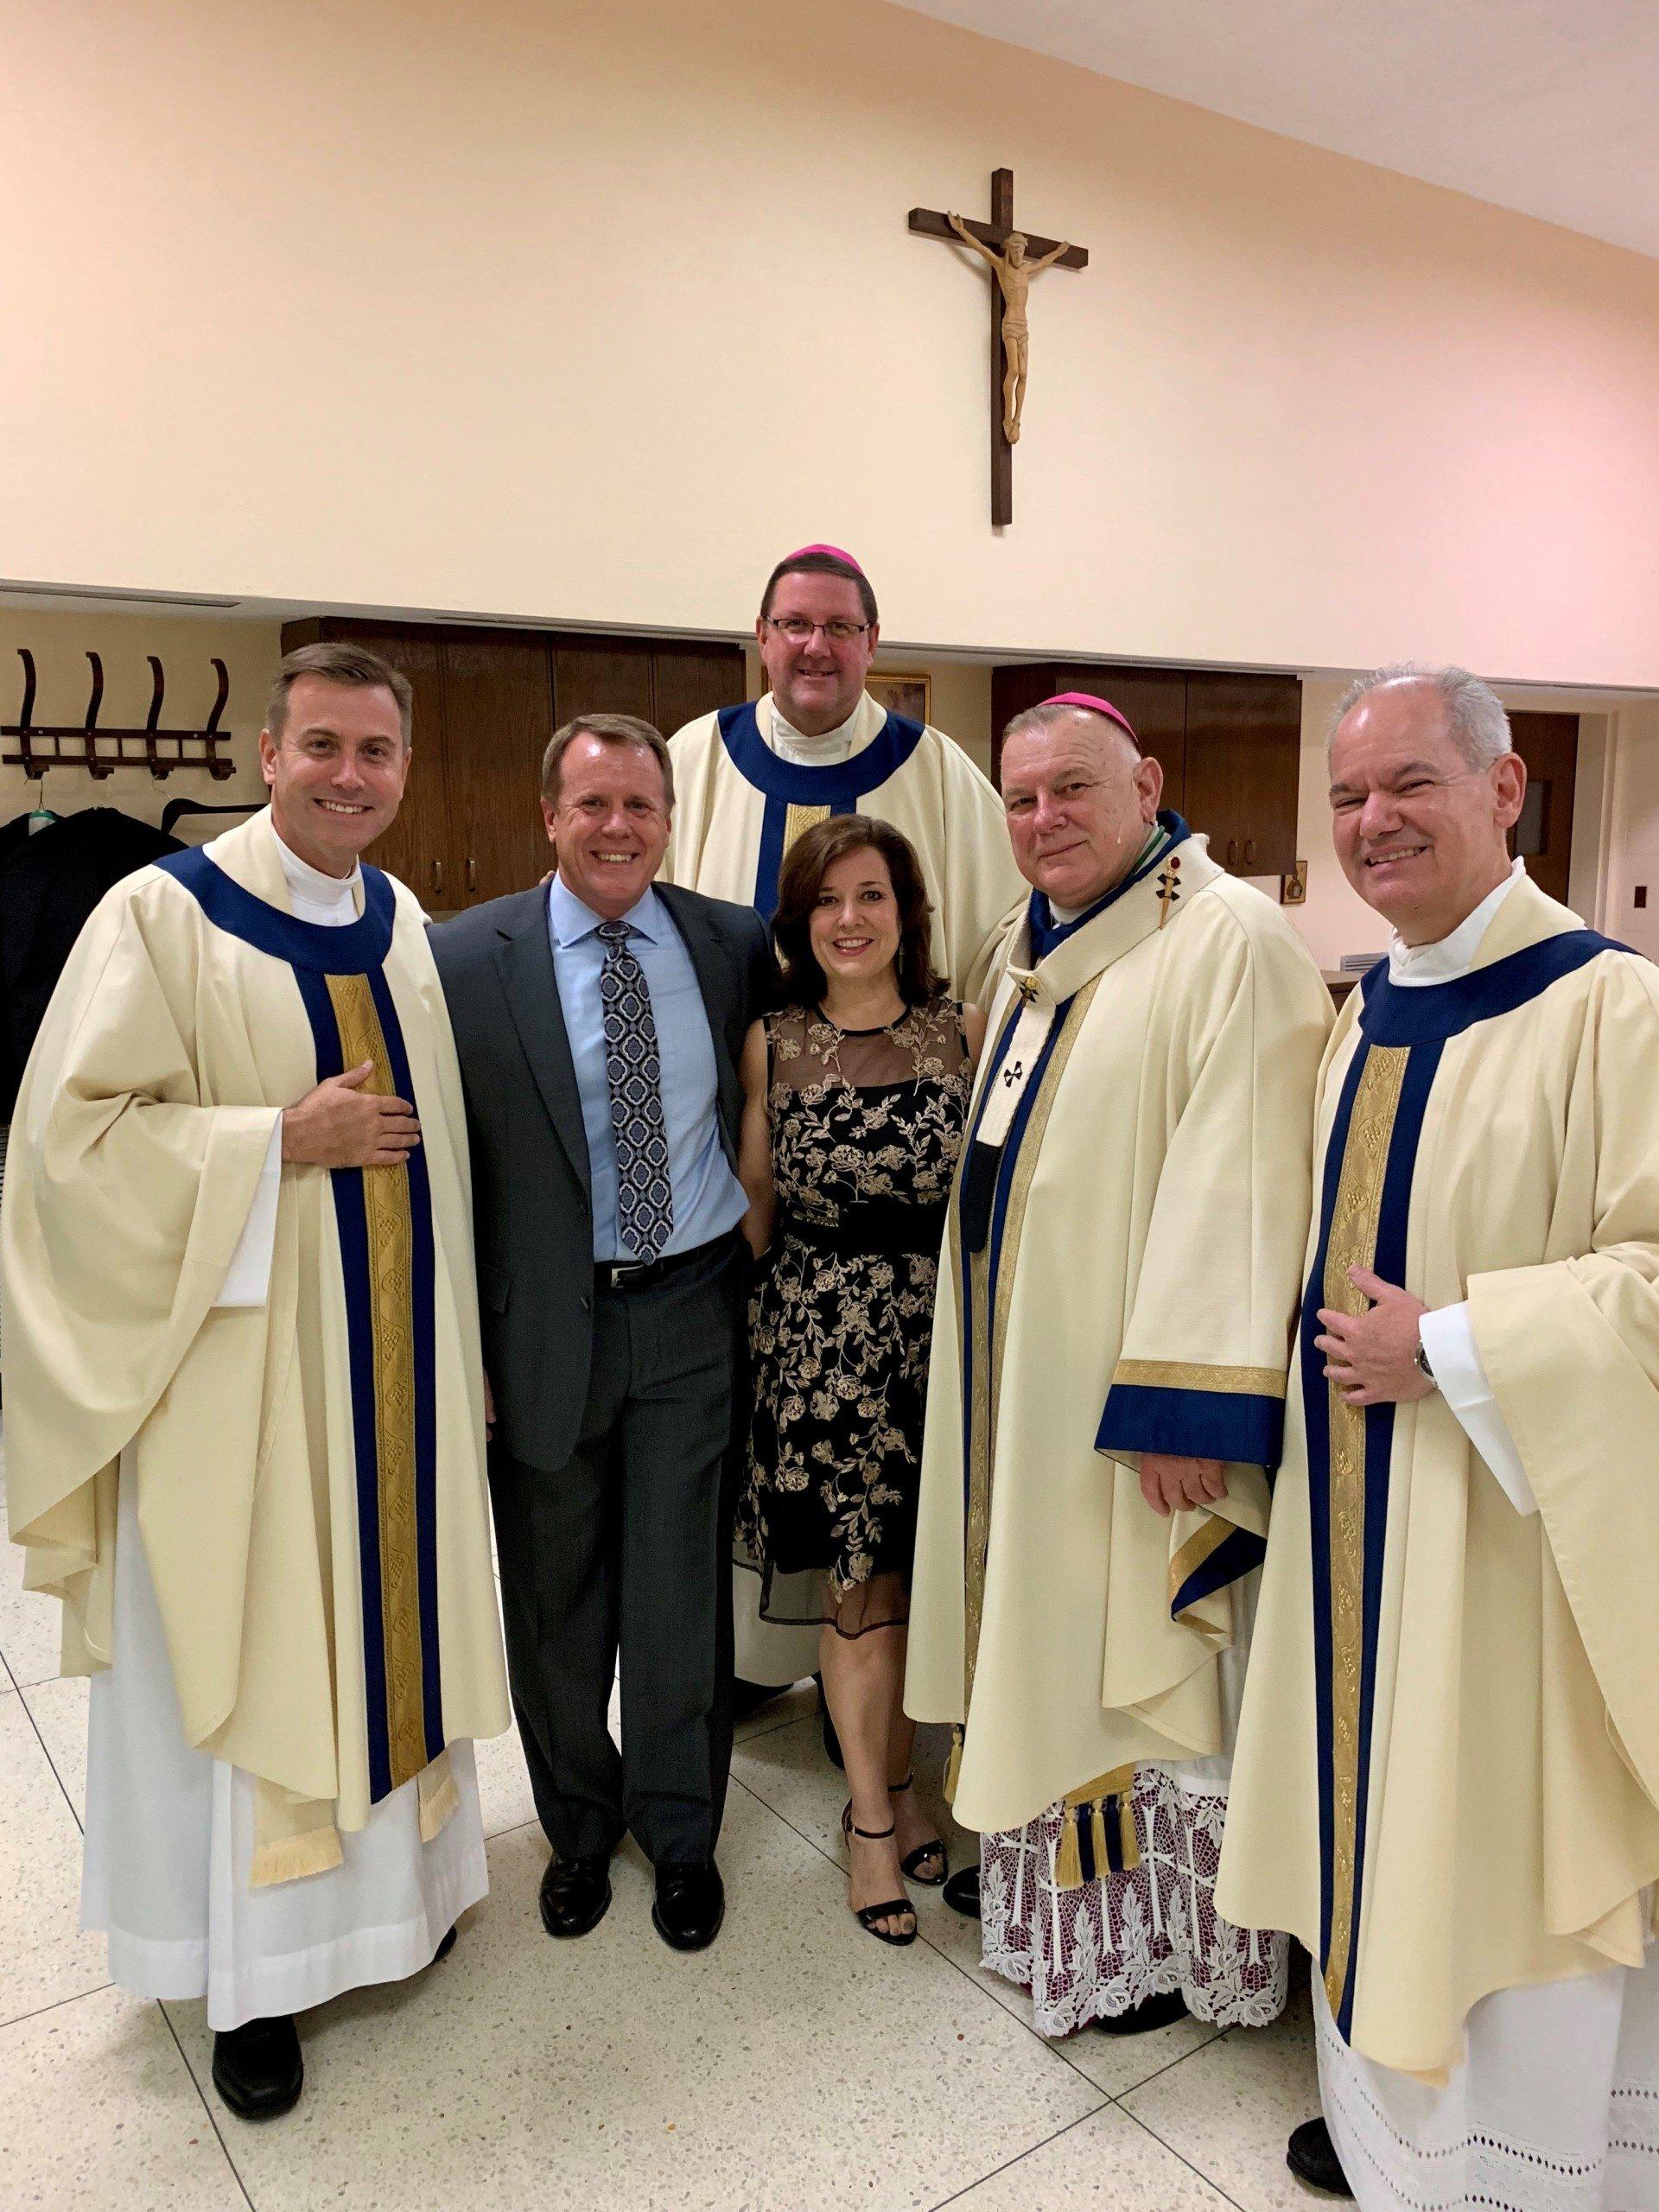 夫妇与四位神父在年度晚会的圣文森特传教团